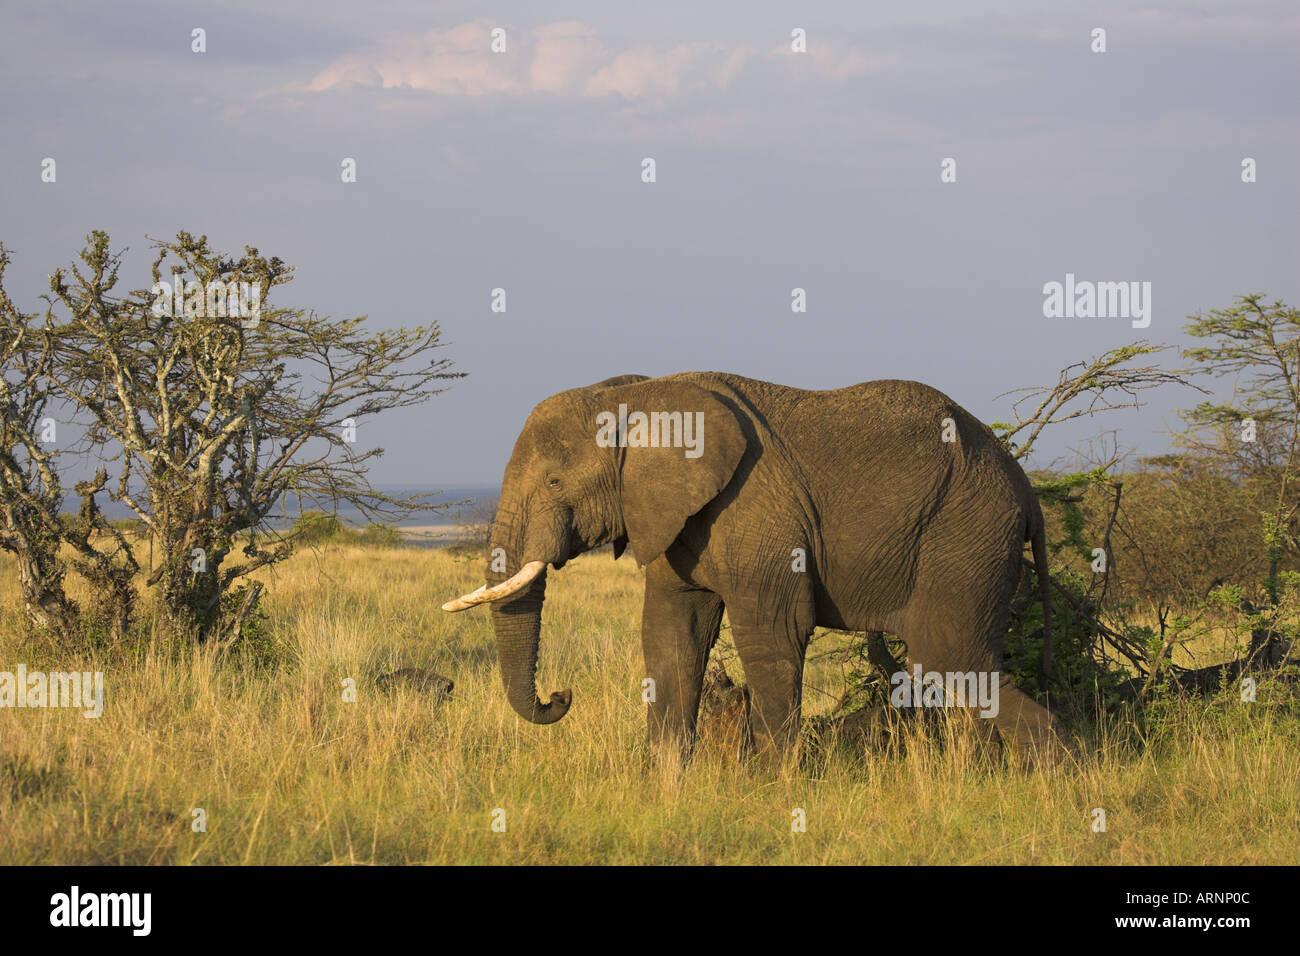 African elephant Loxodonta africana - Stock Image